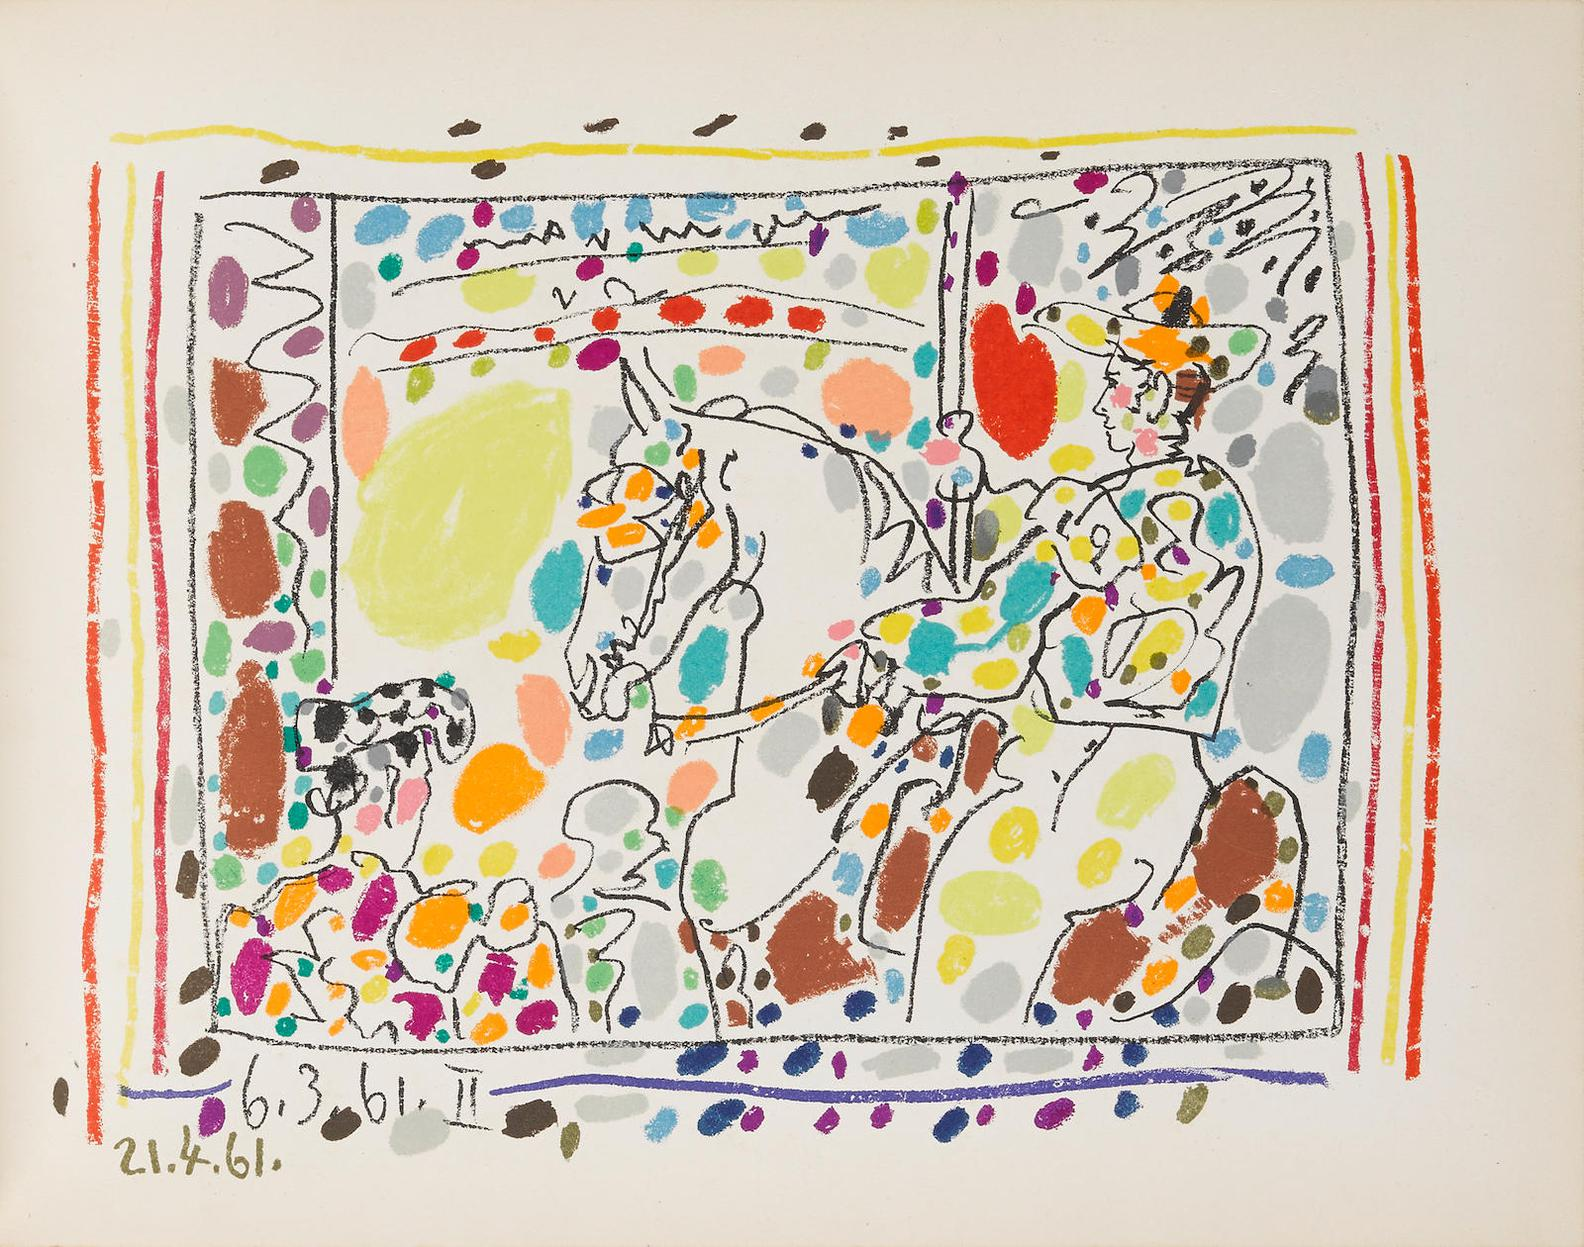 Pablo Picasso-A Los Toros Avec Picasso By Jaime Sabartes-1961